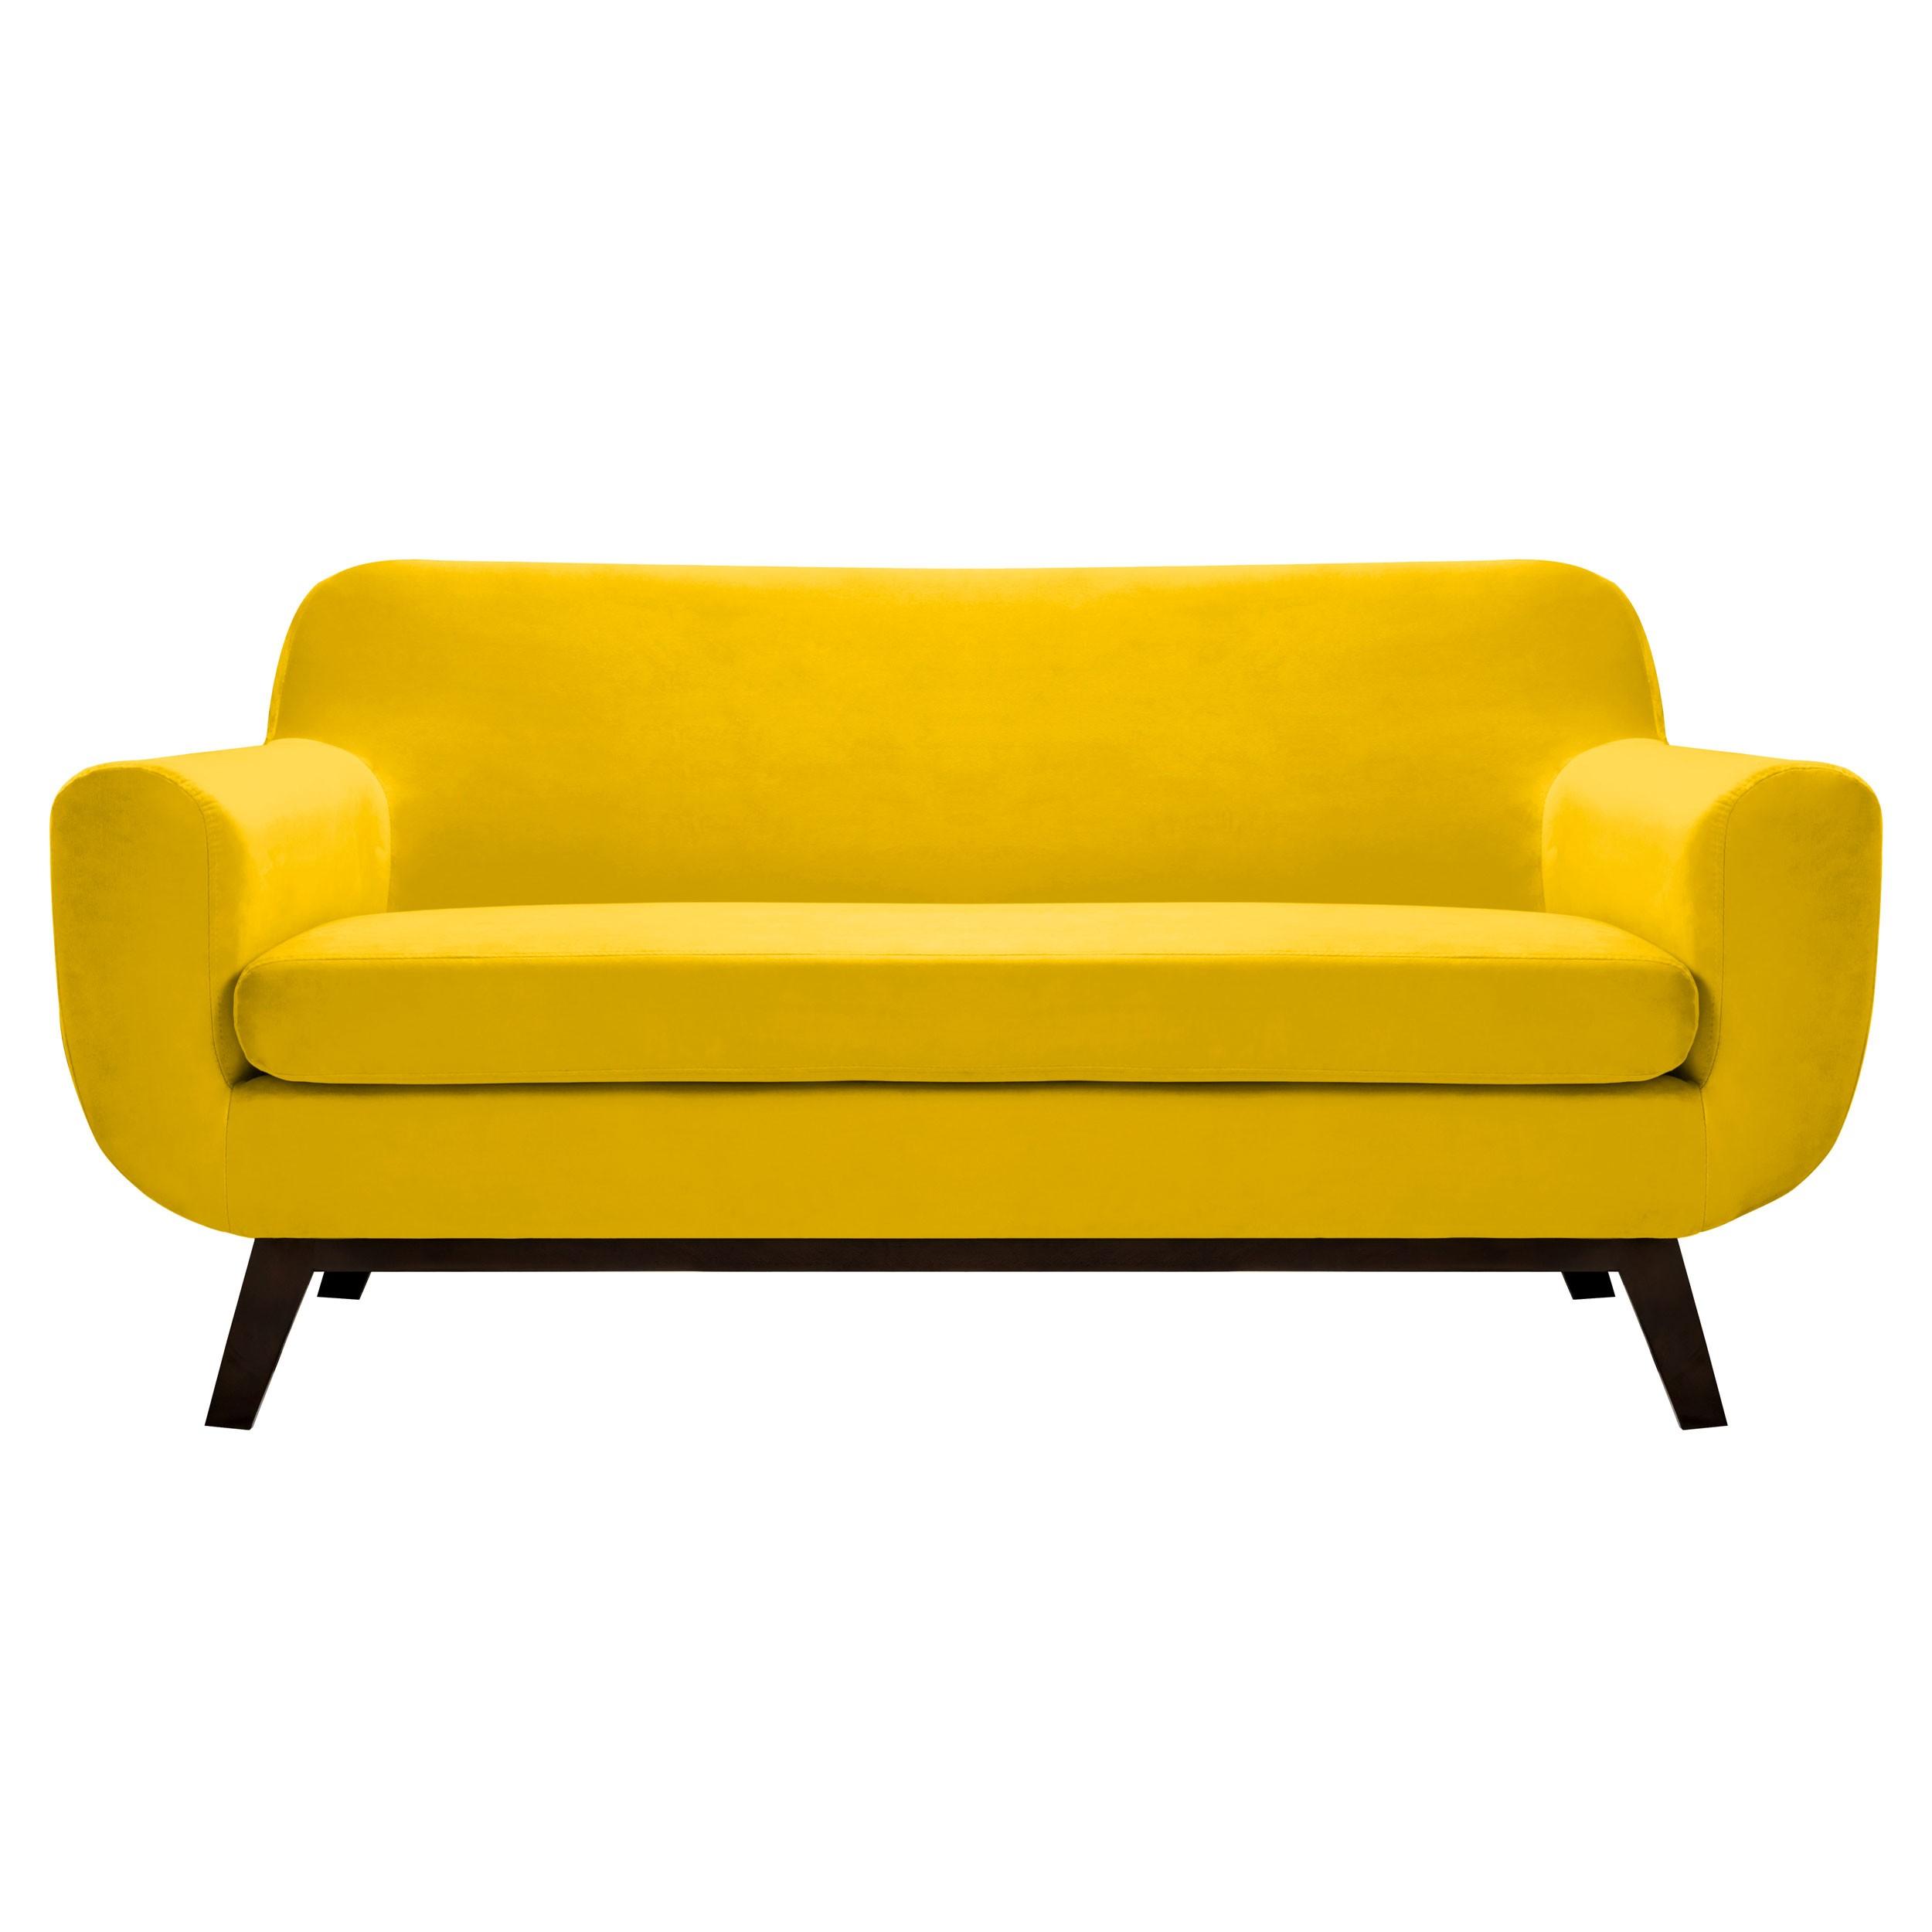 canap copenhague 2 places en velours jaune d couvrez les canap s copenhague 2 places en. Black Bedroom Furniture Sets. Home Design Ideas